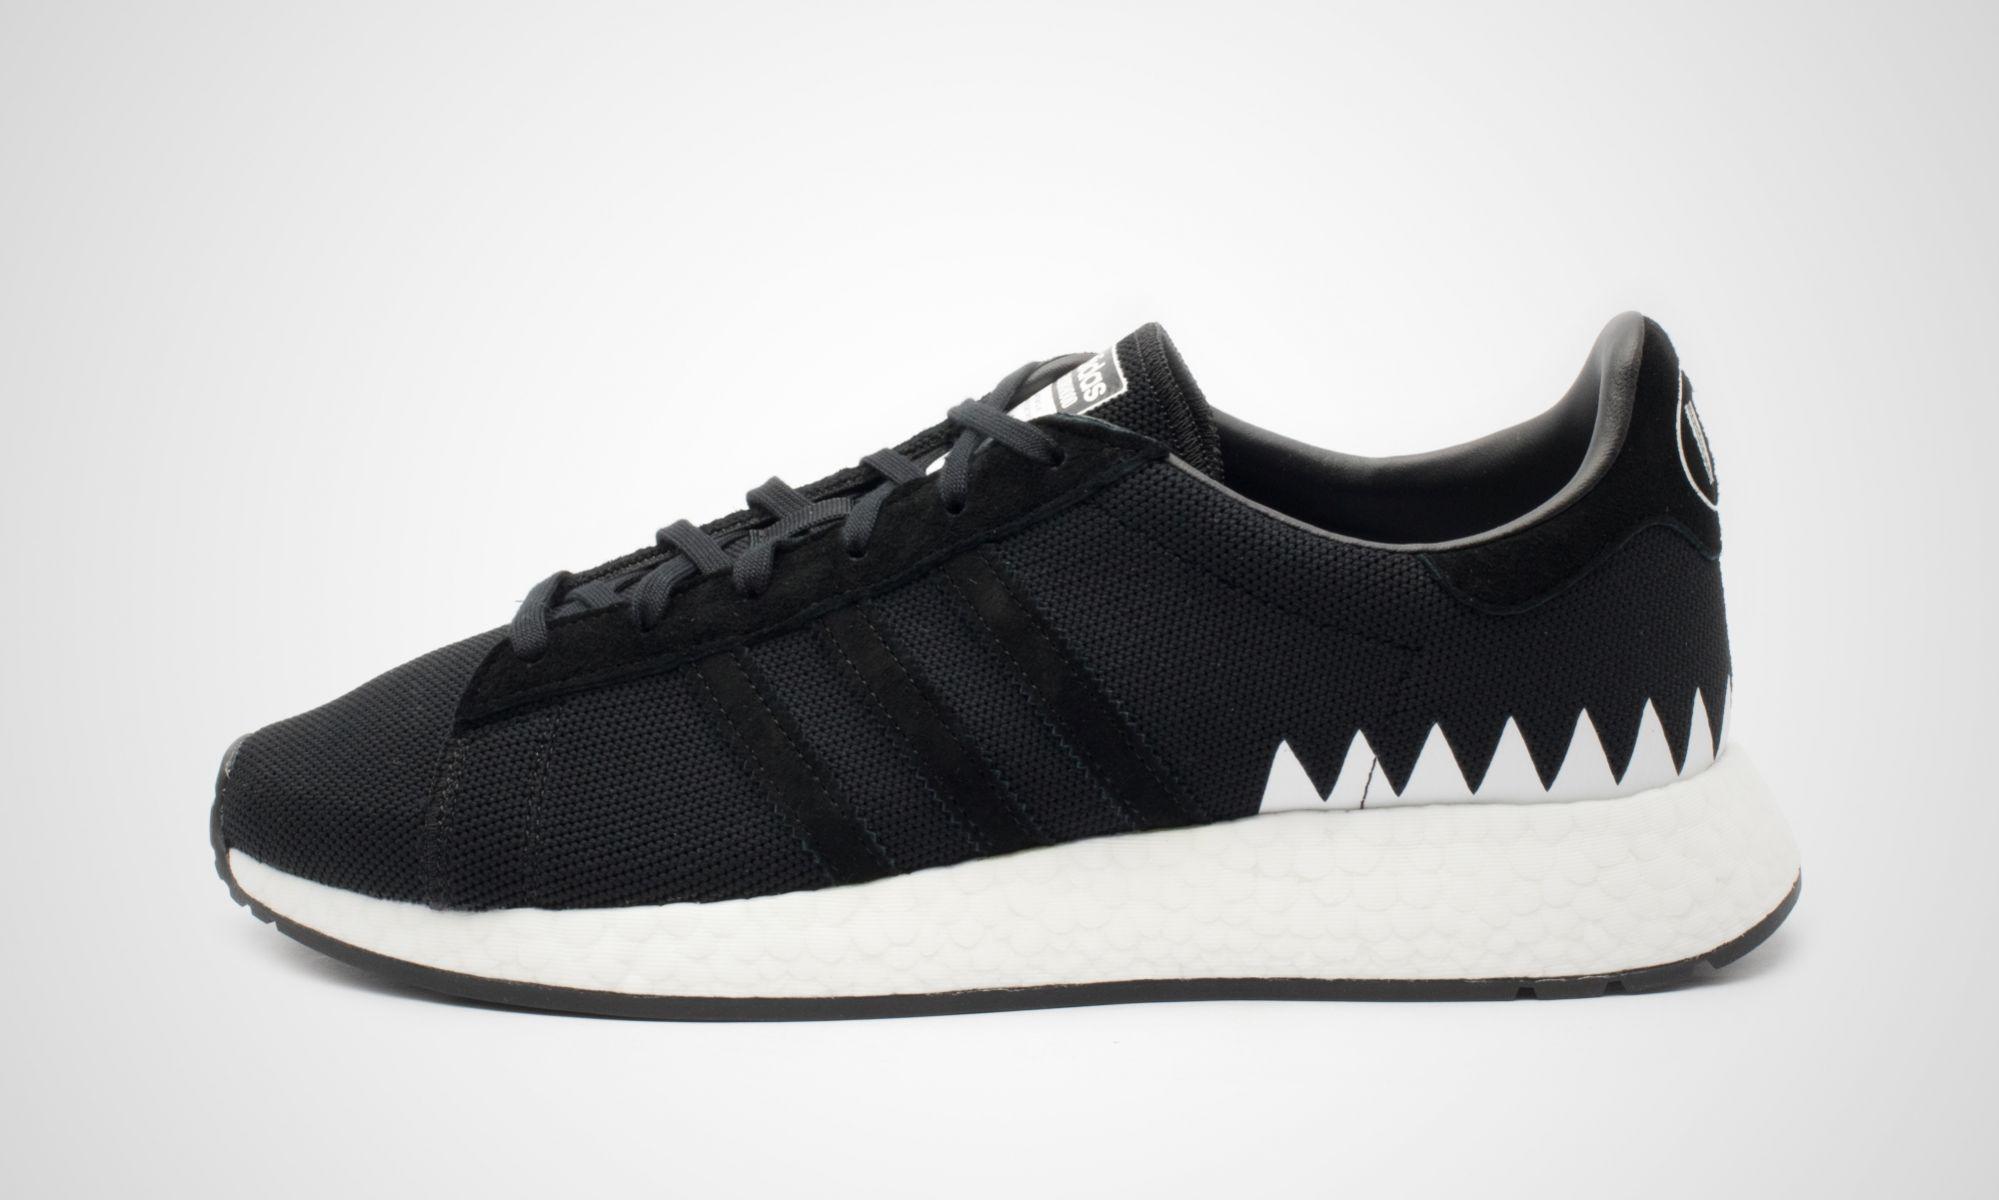 adidas-da8839-chop-shop-nbhd-1